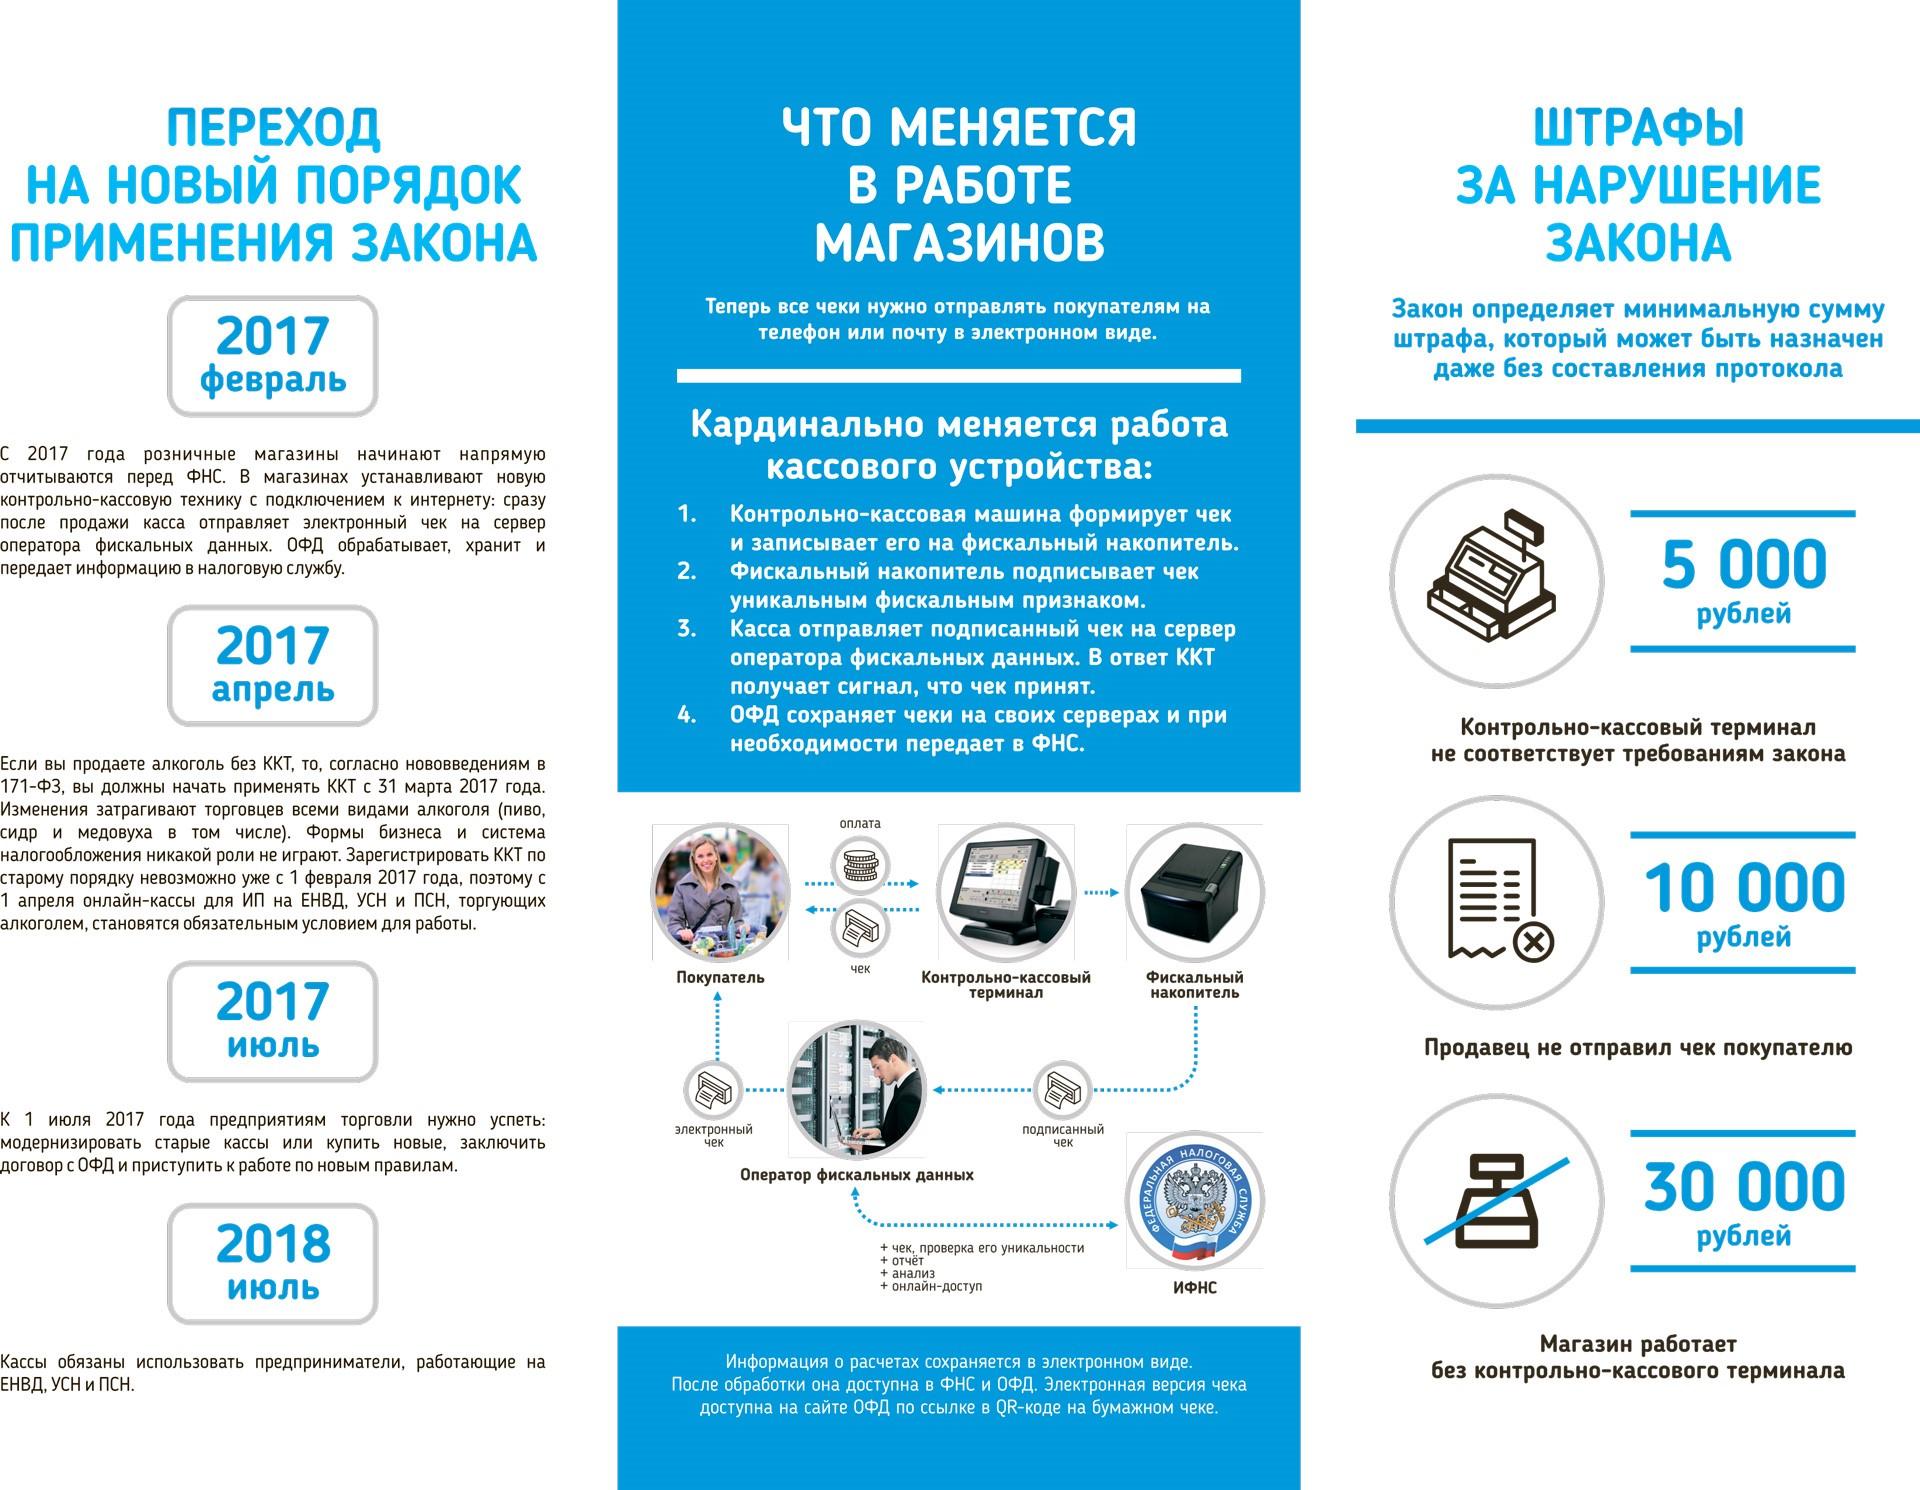 Кто обязан перейти на онлайн-ККТ с 1 июля 2018 г